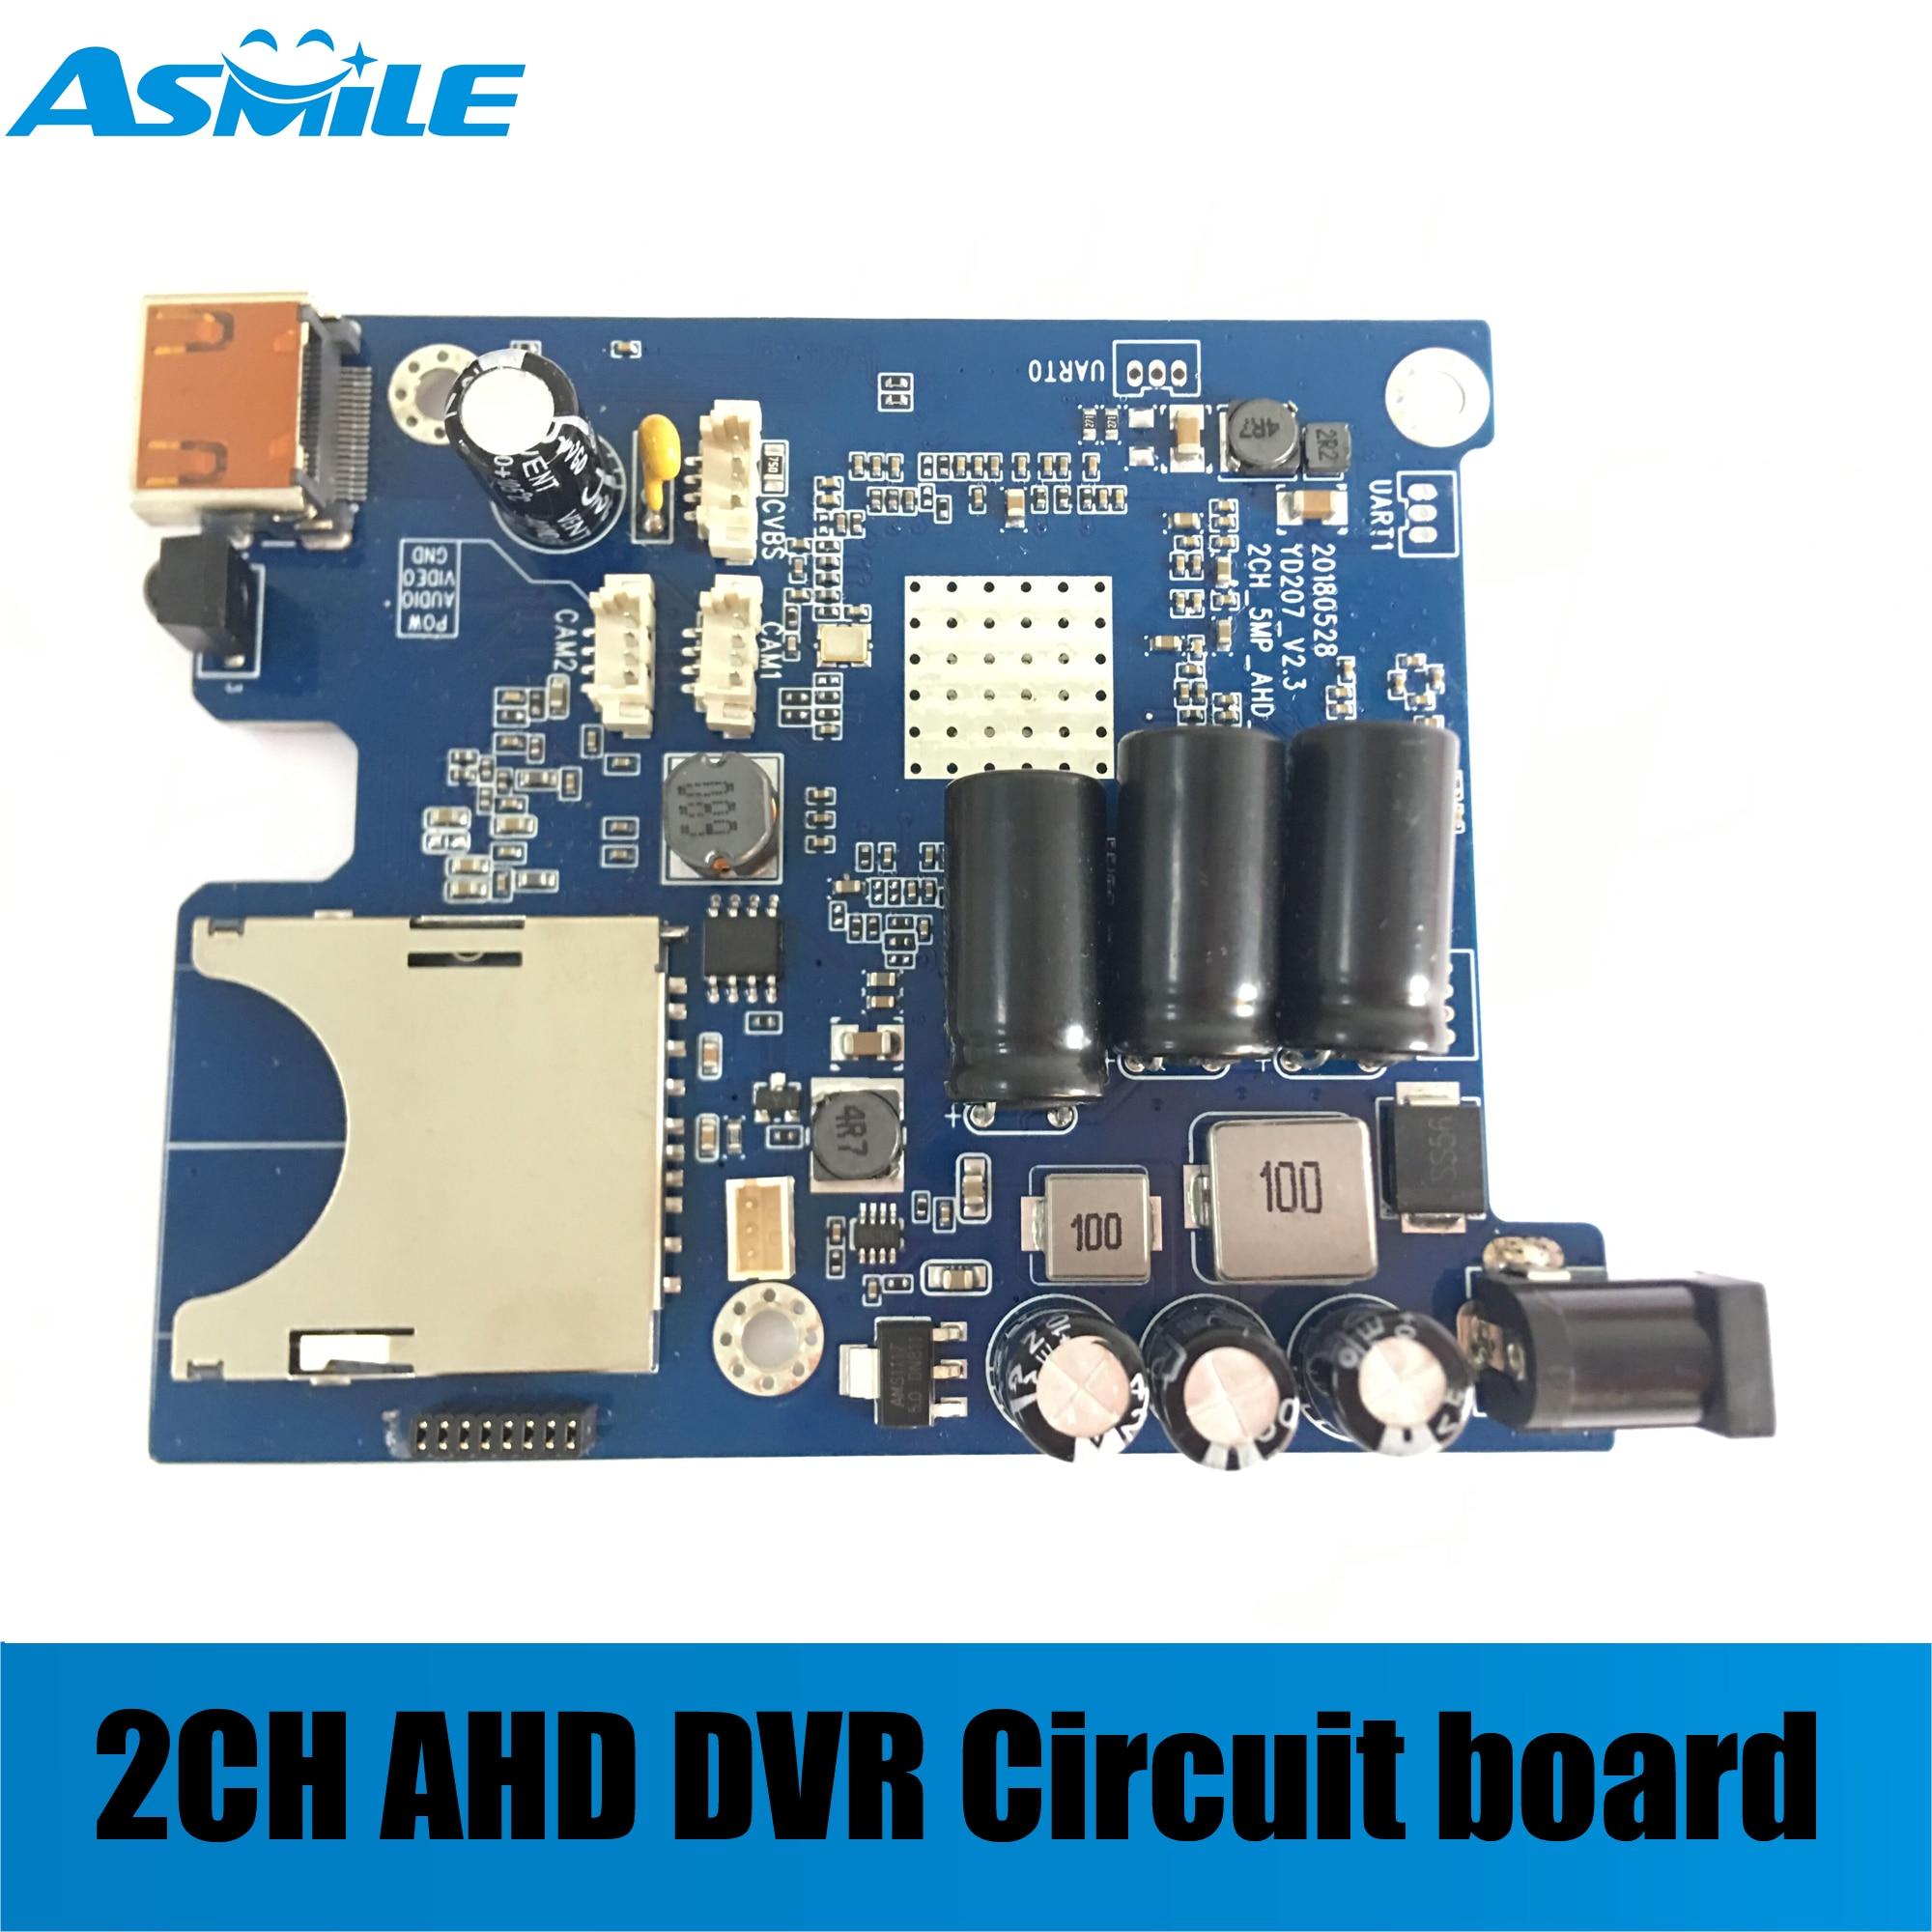 2019 HD 1080P в режиме реального времени 2CH AHD плата DVR PCB мини Мобильный DVR автомобиля доска поддержка 128 Гб sd карты с дистанционным управлением